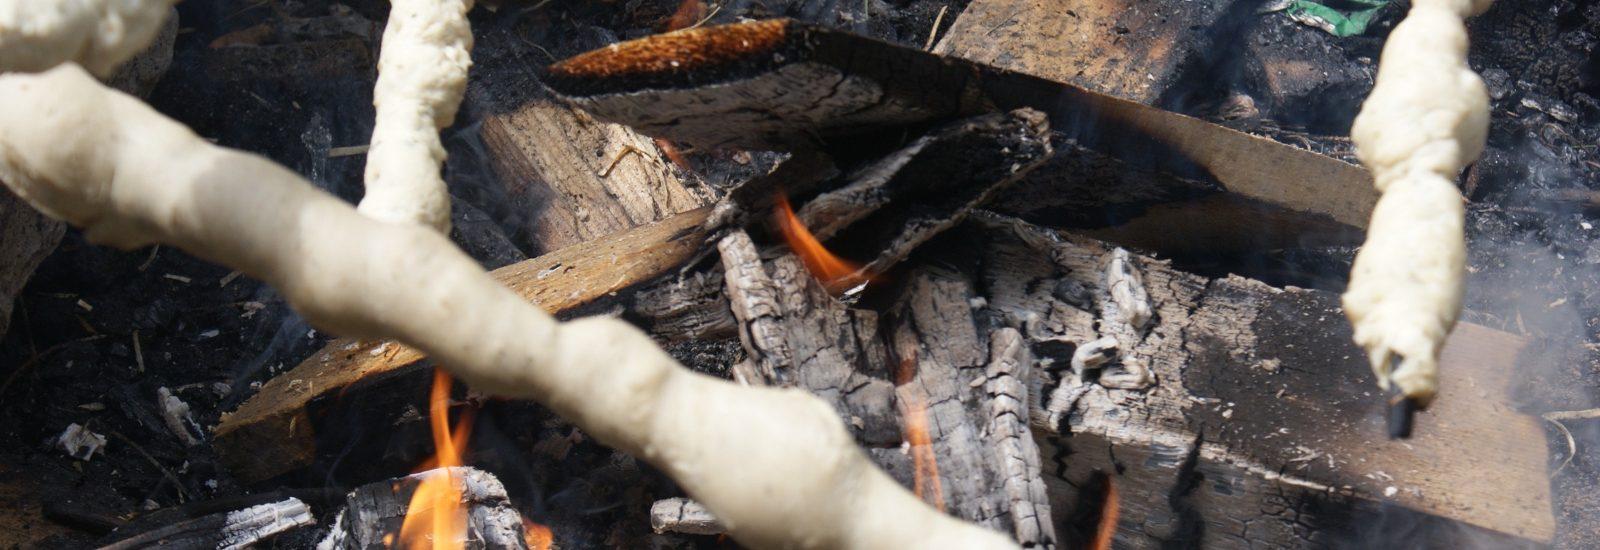 Über offenem Feuer wird das Steckerbrot gebacken